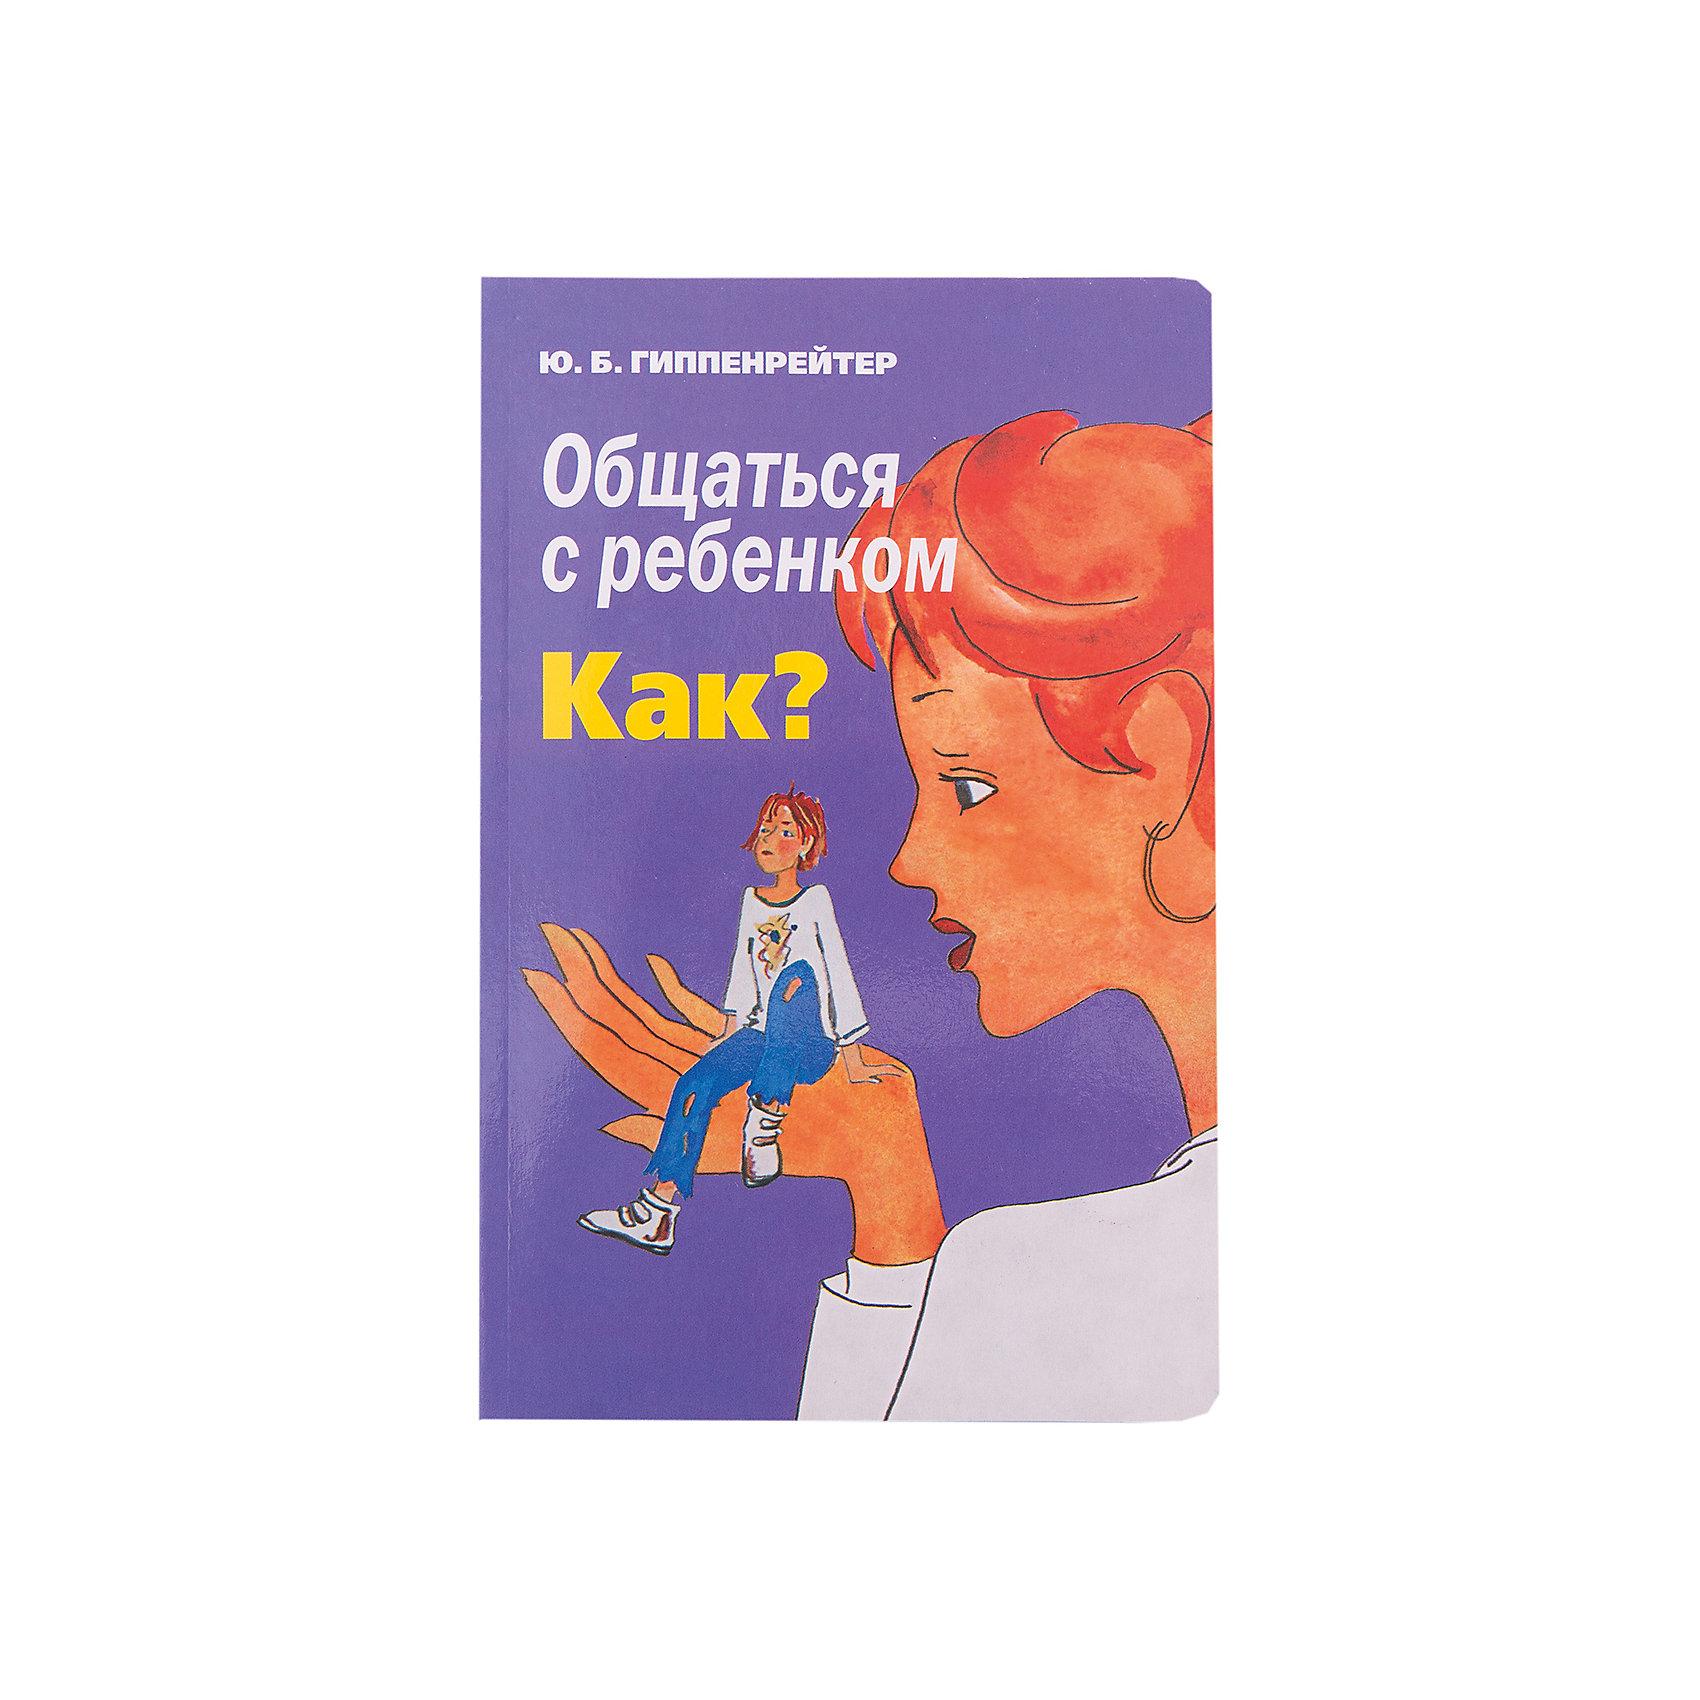 Общаться с ребенком: Как?Книги по педагогике<br>Малыш, который получает полноценное питание и хороший медицинский уход, но лишен полноценного общения со взрослым, плохо развивается не только психически, но и физически: он не растет, худеет, теряет интерес к жизни. «Проблемные», «трудные», «непослушные» и «невозможные» дети, так же как дети «с комплексами», «забитые» или «несчастные» — всегда результат неправильно сложившихся отношений в семье. Книга Юлии Борисовны Гиппенрейтер нацелена на гармонизацию взаимоотношений в семье, ведь стиль общения родителей сказывается на будущем их ребенка!<br><br>Ширина мм: 212<br>Глубина мм: 138<br>Высота мм: 170<br>Вес г: 309<br>Возраст от месяцев: 216<br>Возраст до месяцев: 2147483647<br>Пол: Унисекс<br>Возраст: Детский<br>SKU: 6848314